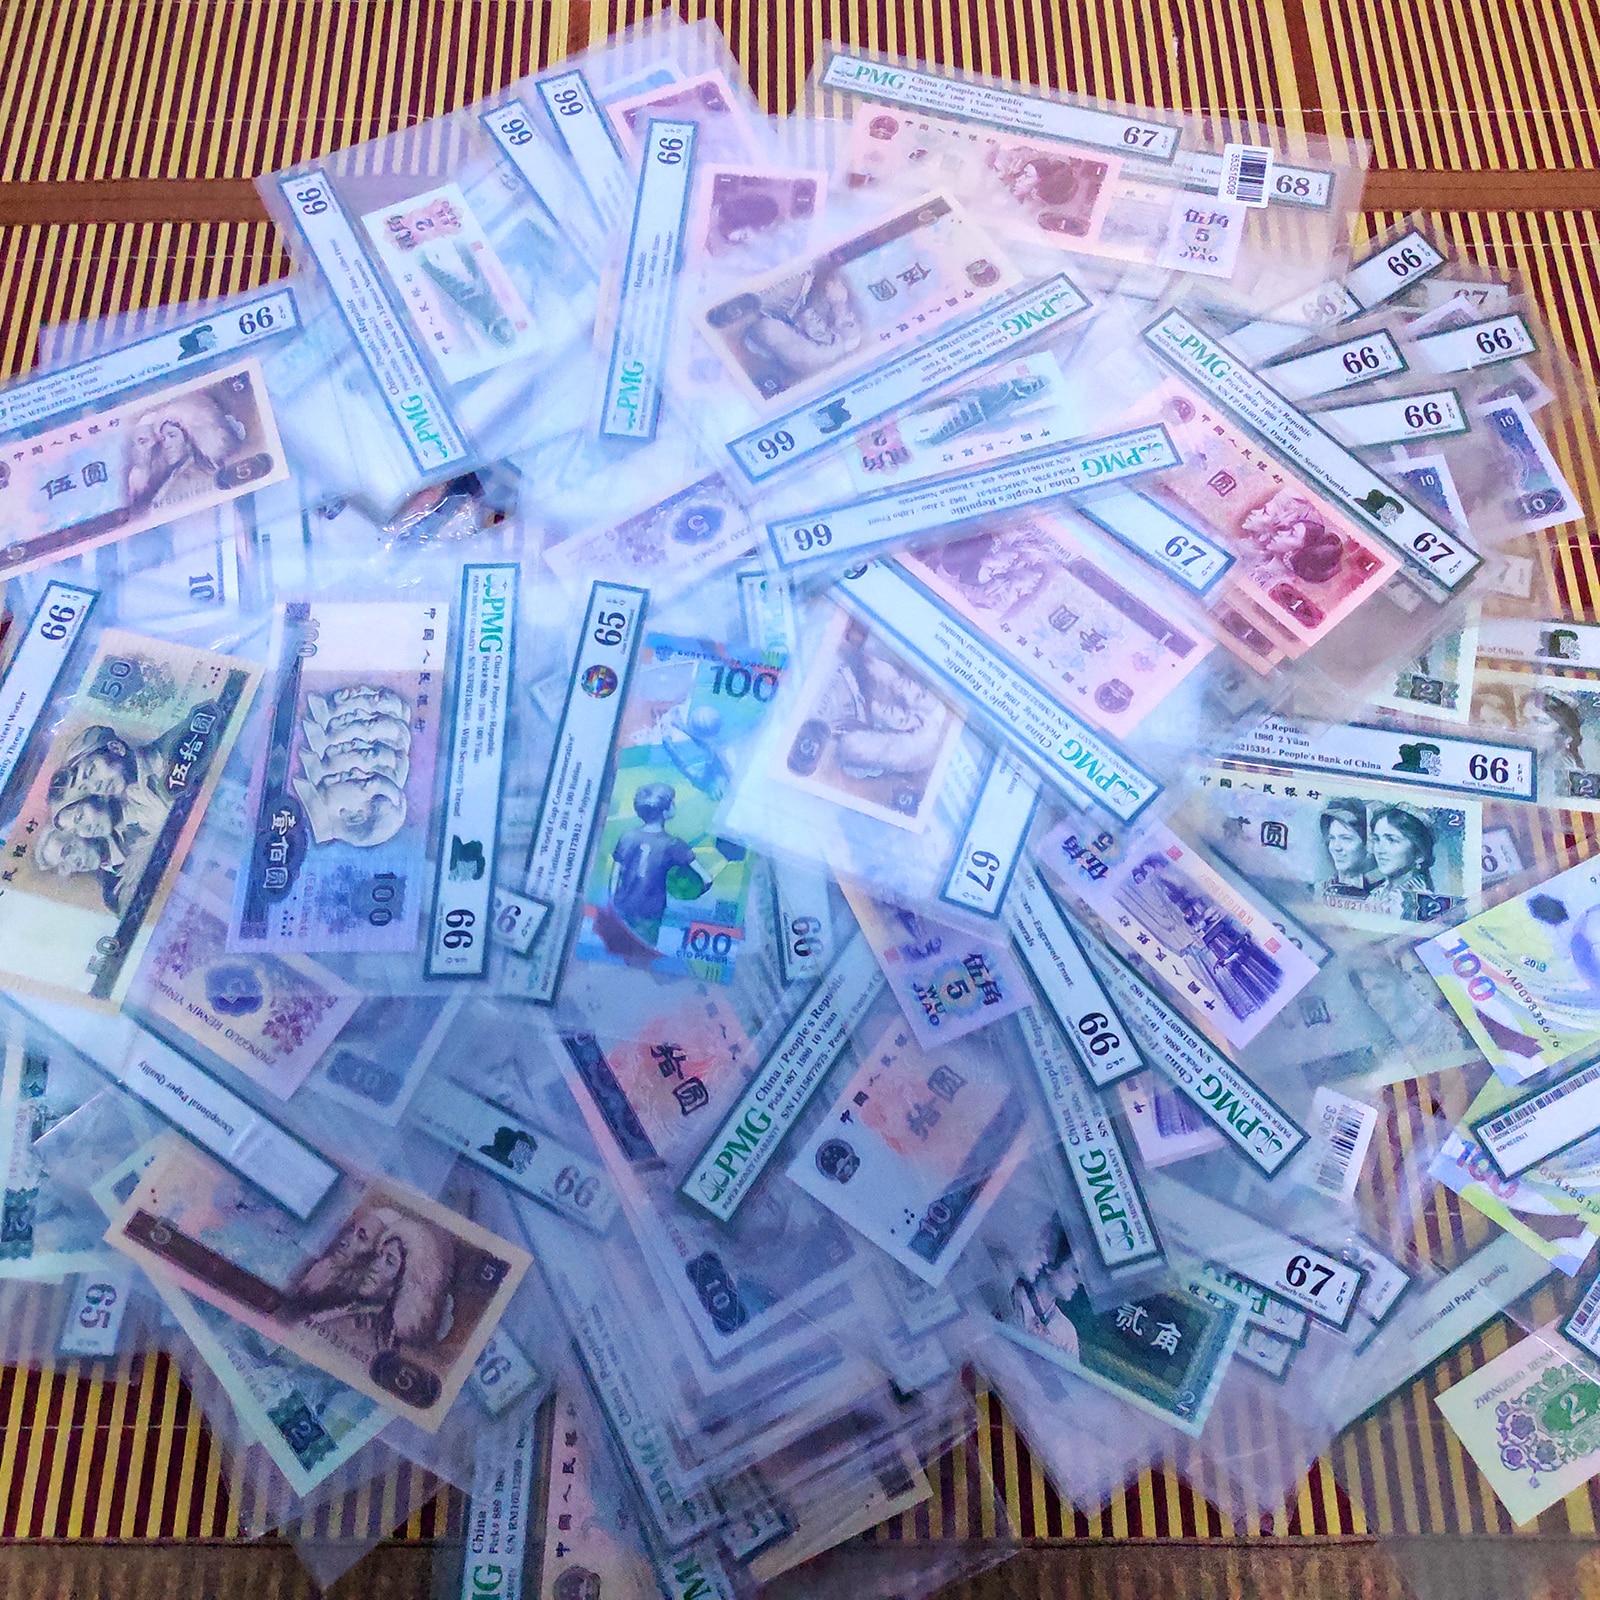 Decoración de colecciones de dinero en papel Real de China, 4. ª edición, papel descatalogado, certificación internacional PMG